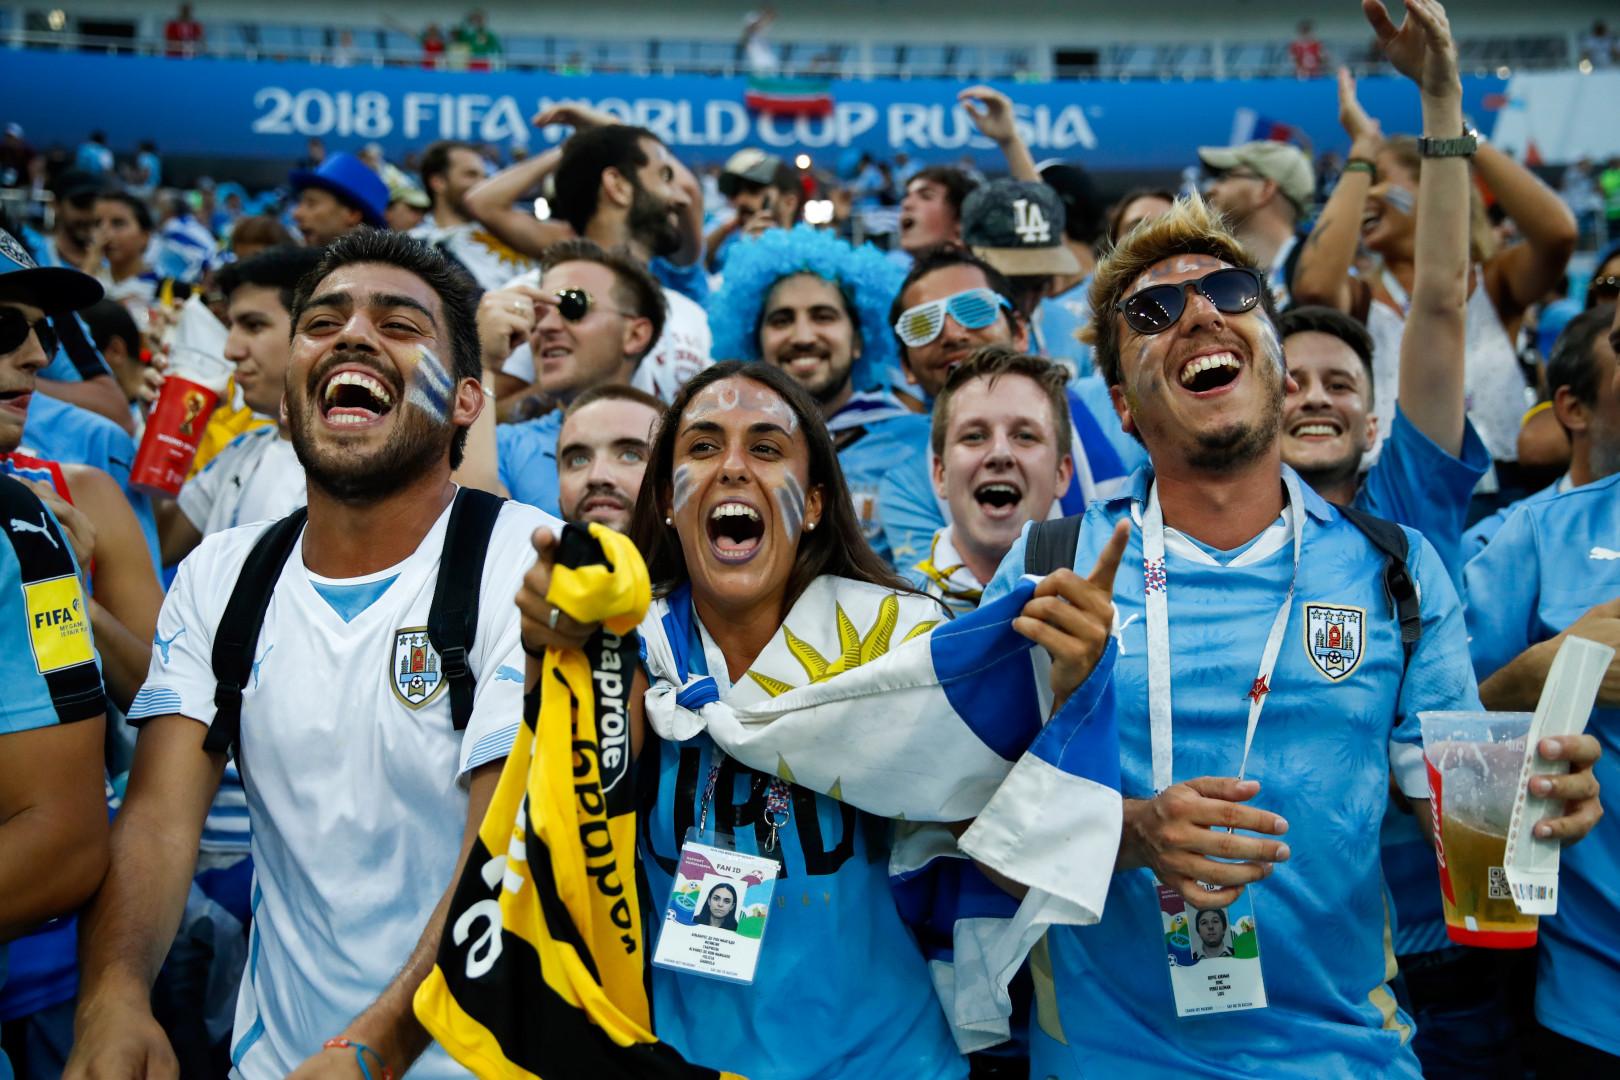 De leur côté, ces supporters uruguayens, présents dans le stade de Sotchi pendant le match contre le Portugal, ont laissé éclater leur joie.